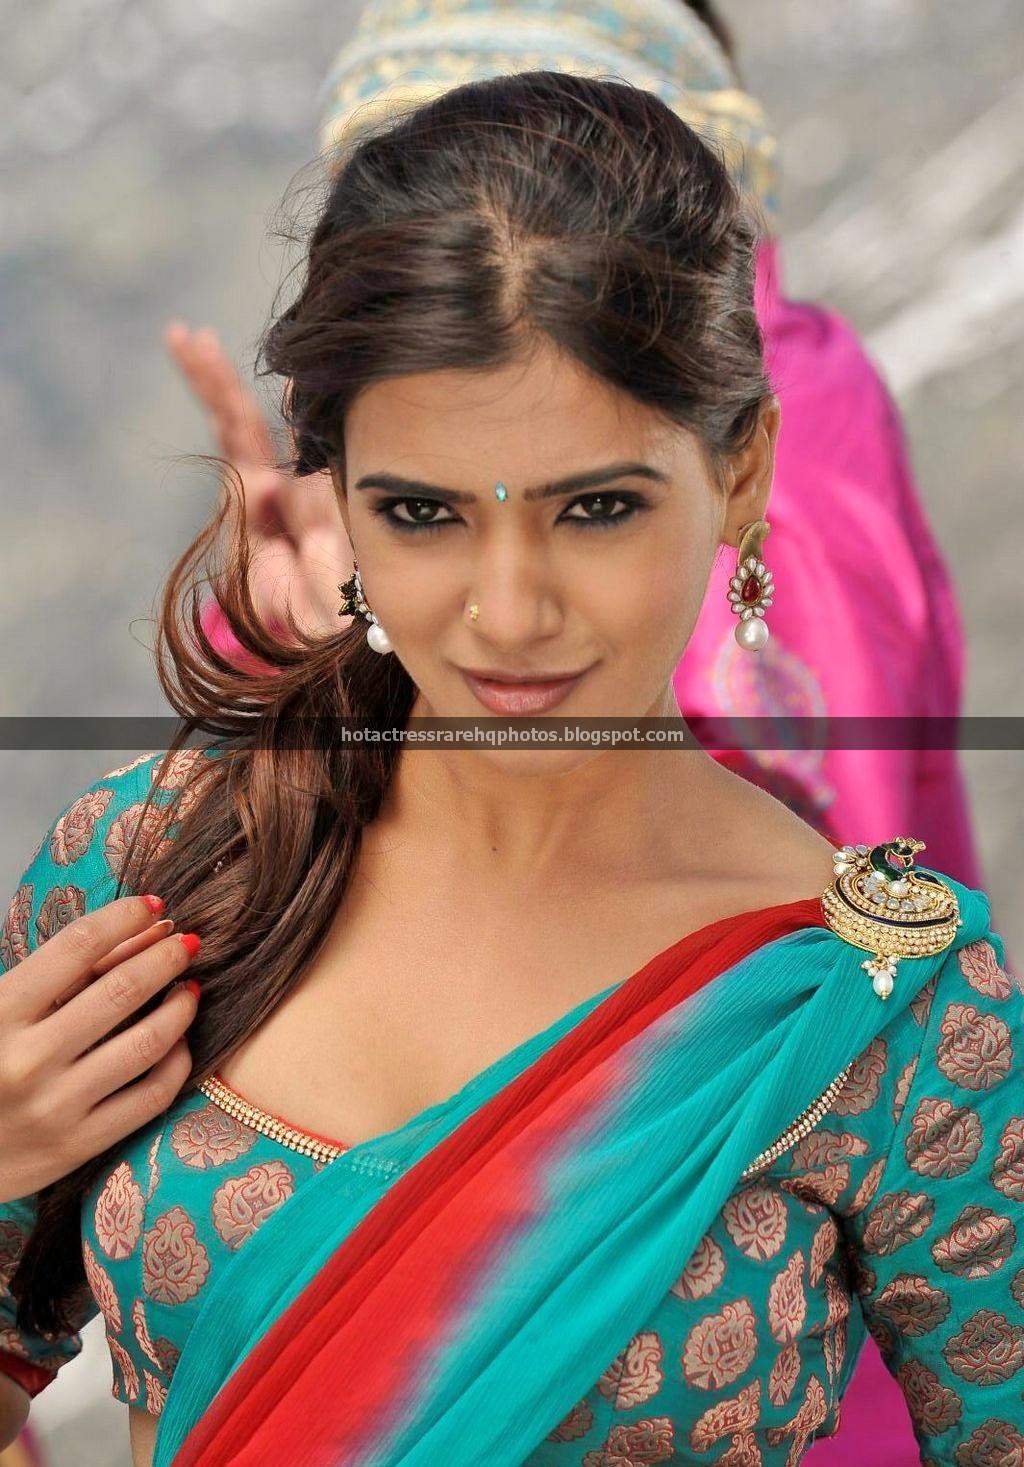 Samantha In Saree: Hot Indian Actress Rare HQ Photos: South Actress Samantha